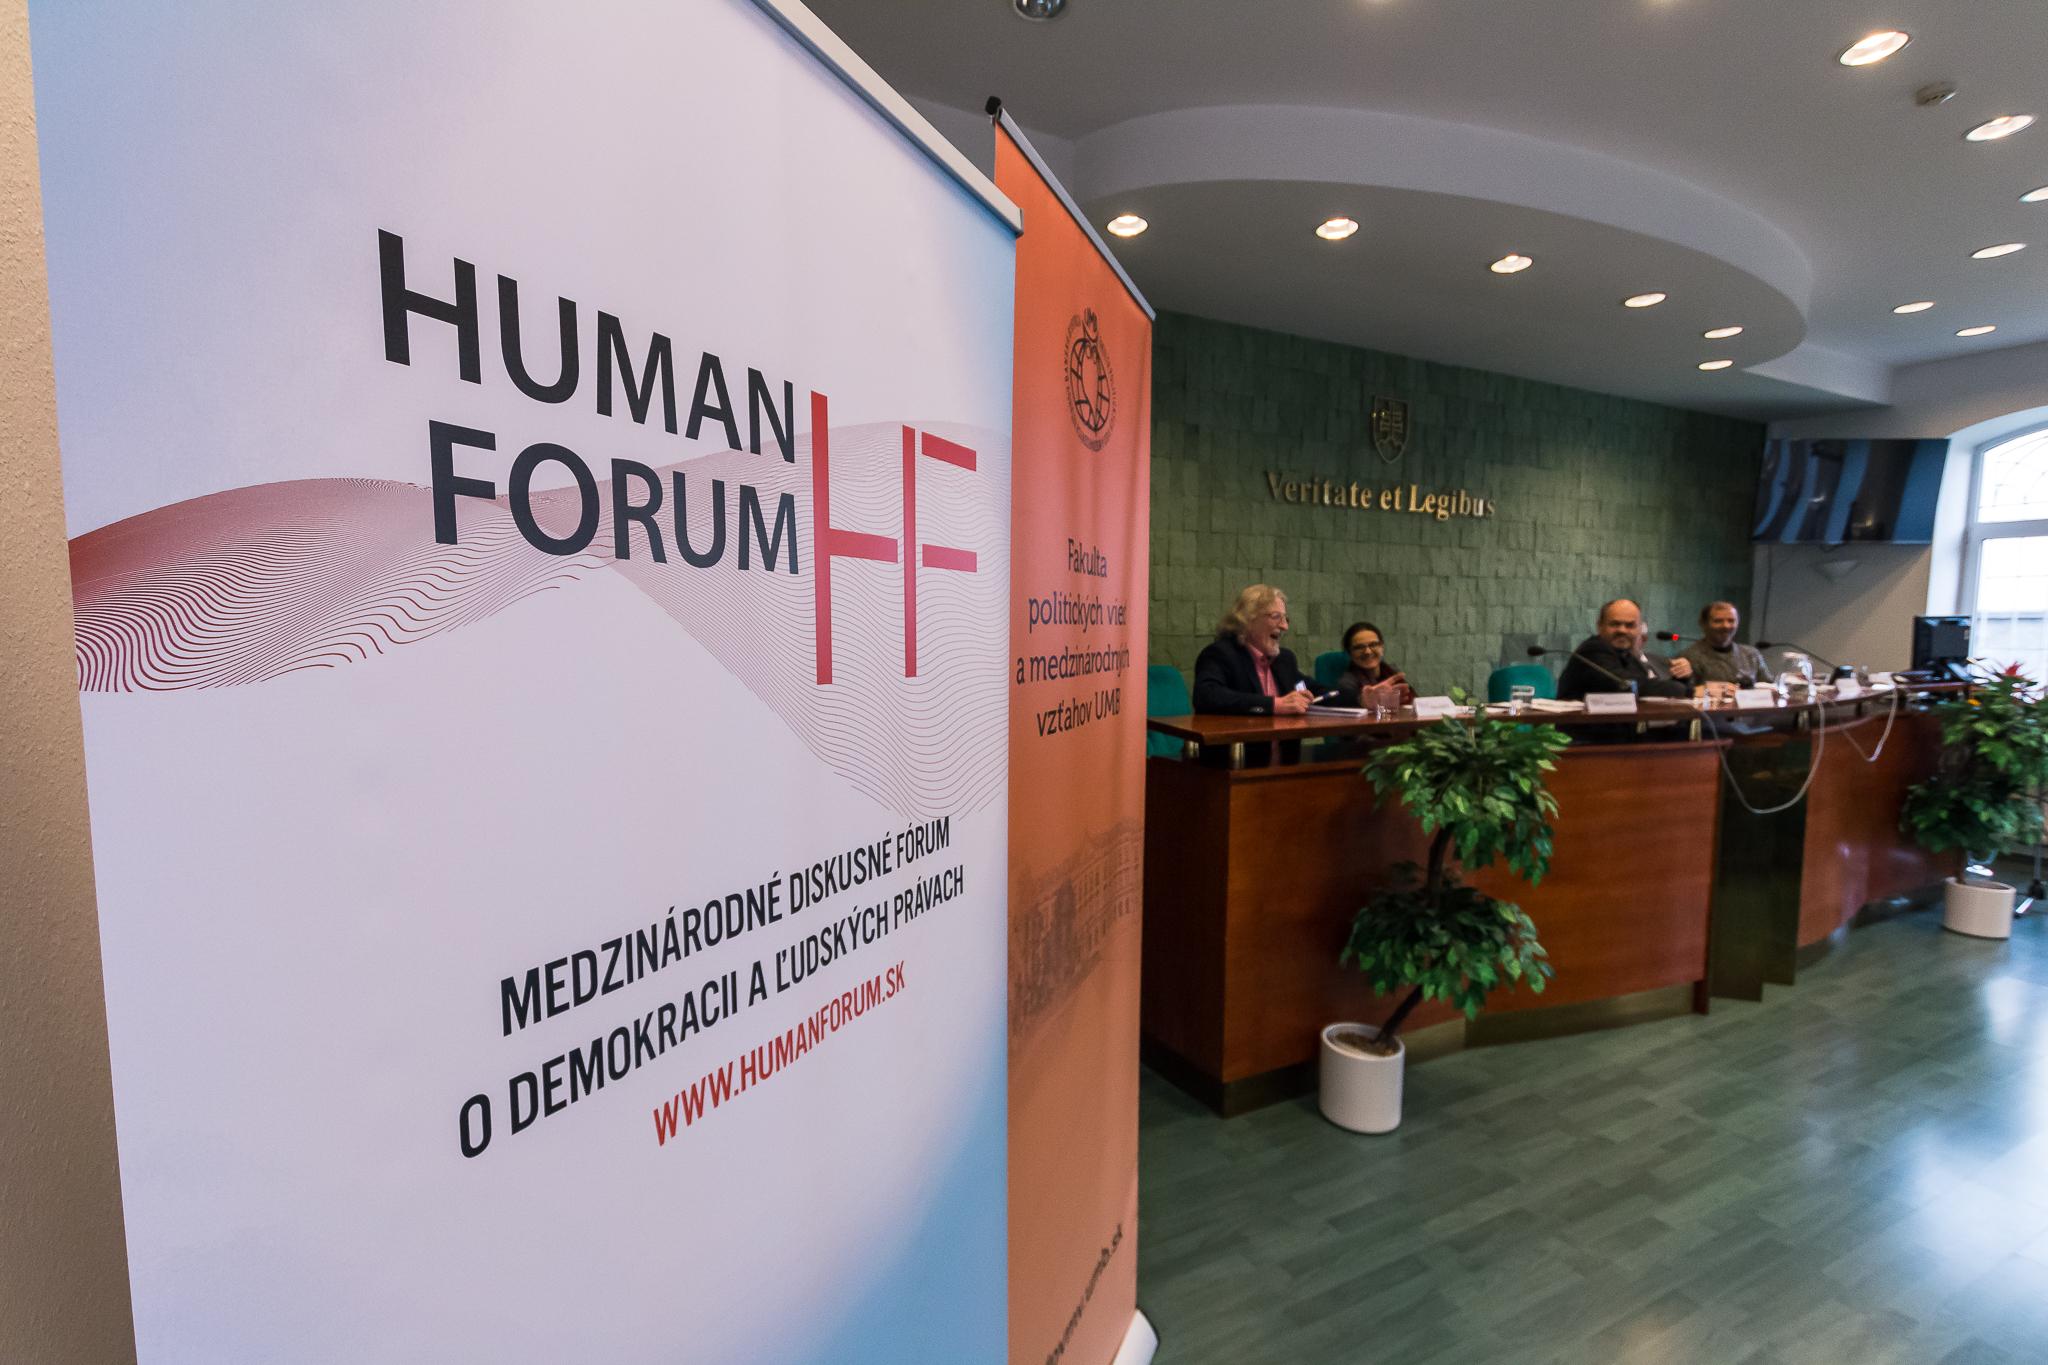 HUMAN FORUM 2016 - medzinárodné diskusné fórum sa uskutočnilo už po ... 4188cb9cfb1